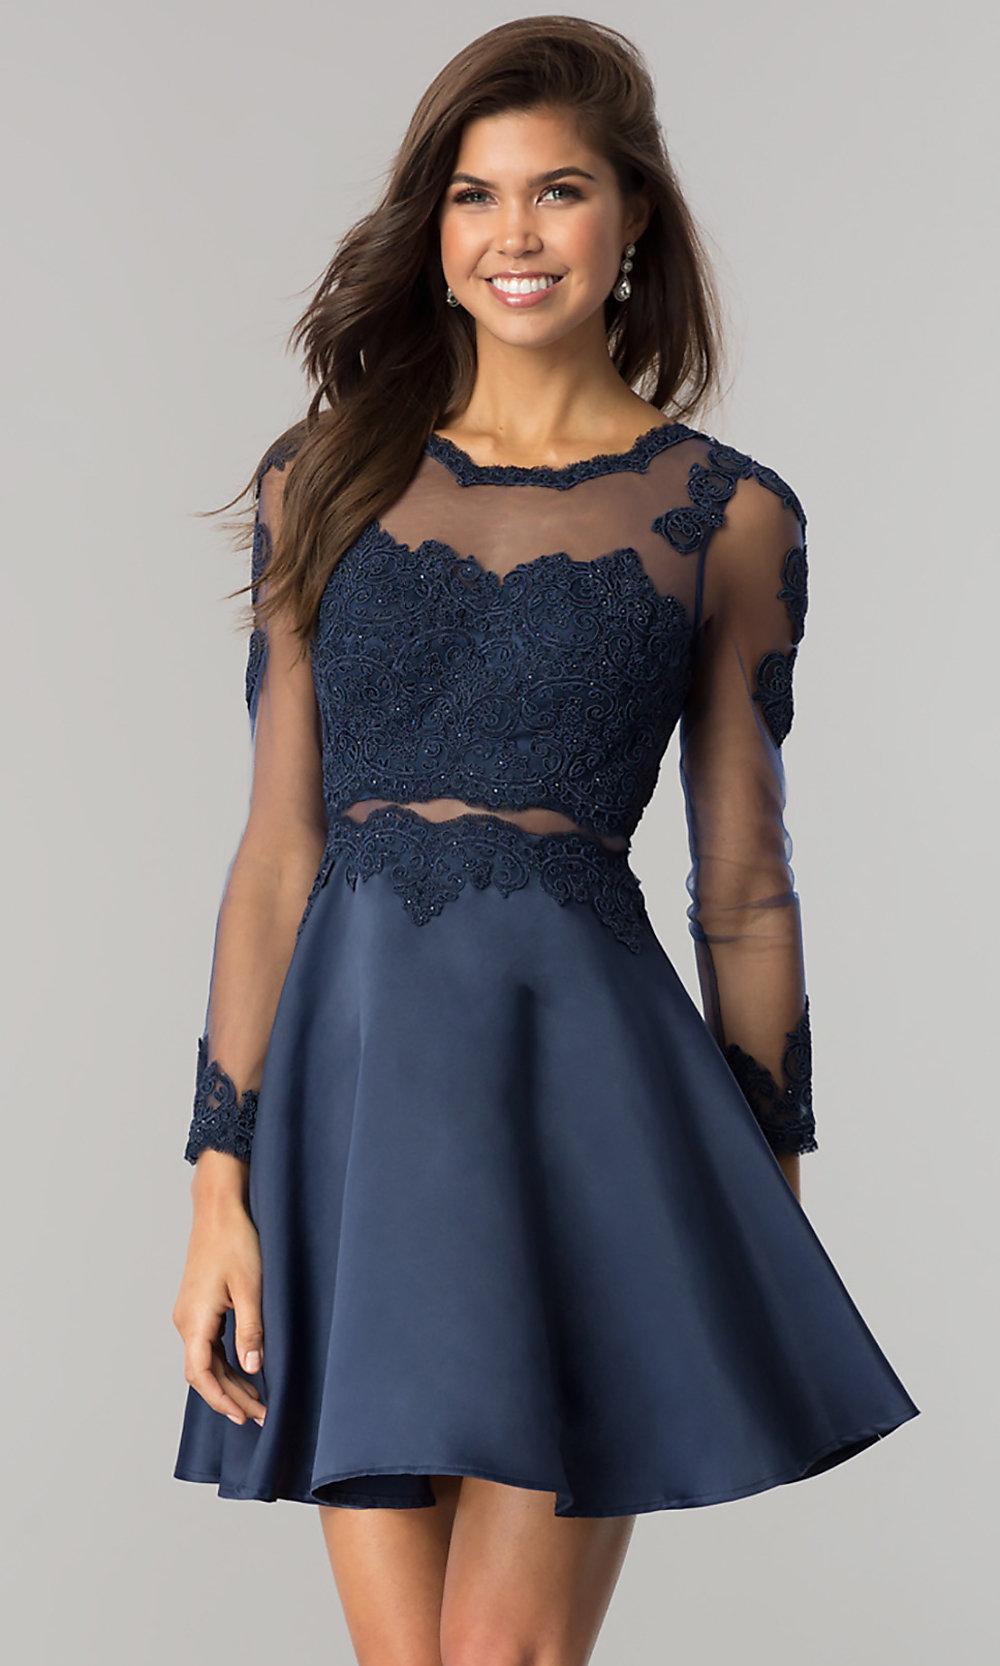 صورة فساتين قصيرة , اشيك الفساتين القصيره 1008